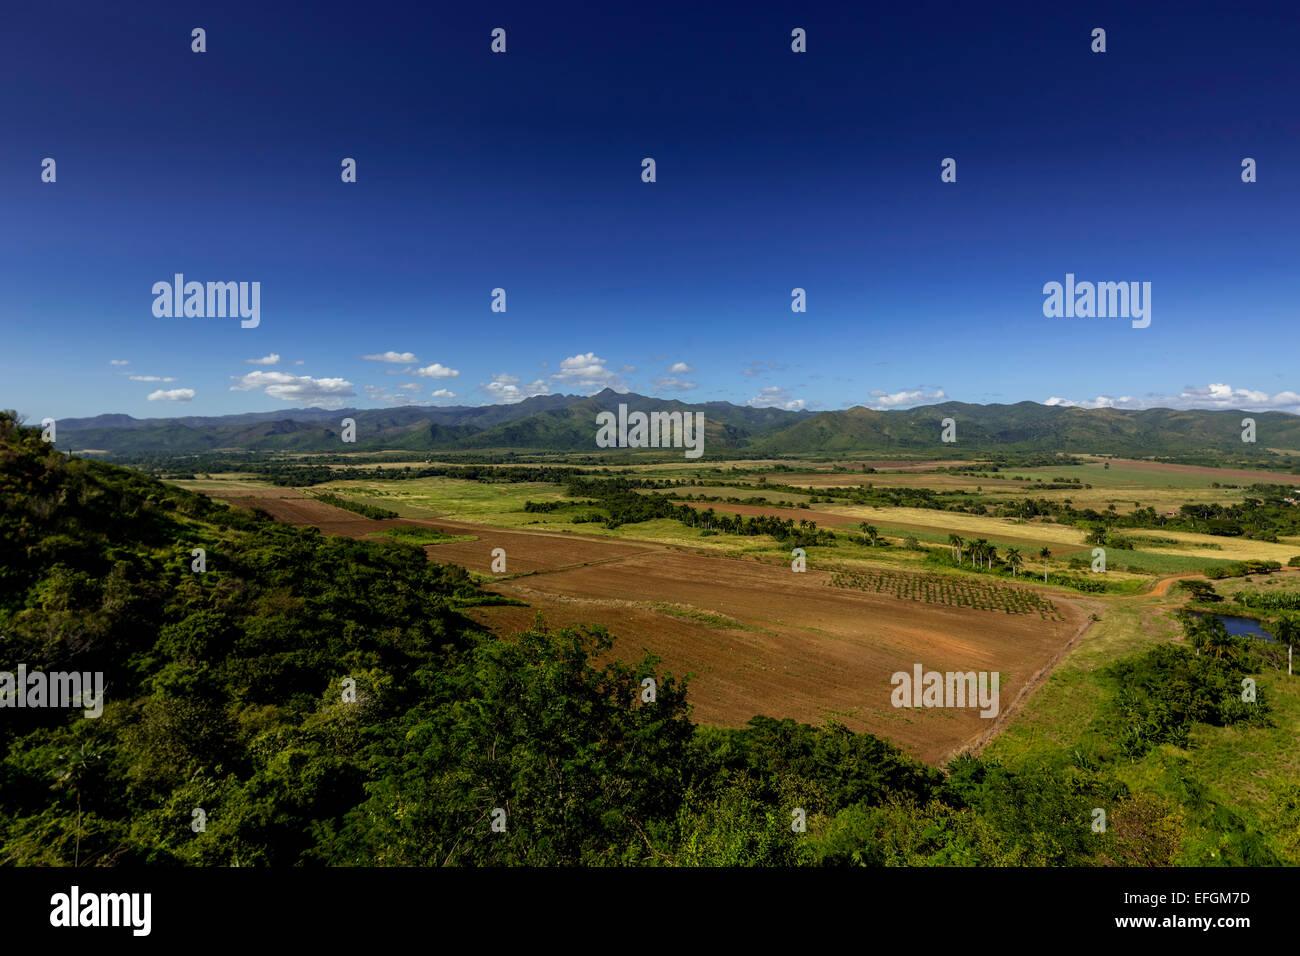 Blick vom Aussichtspunkt Mirador über das Valle de Los Ingenios, Provinz Sancti Spiritus, Kuba Stockbild